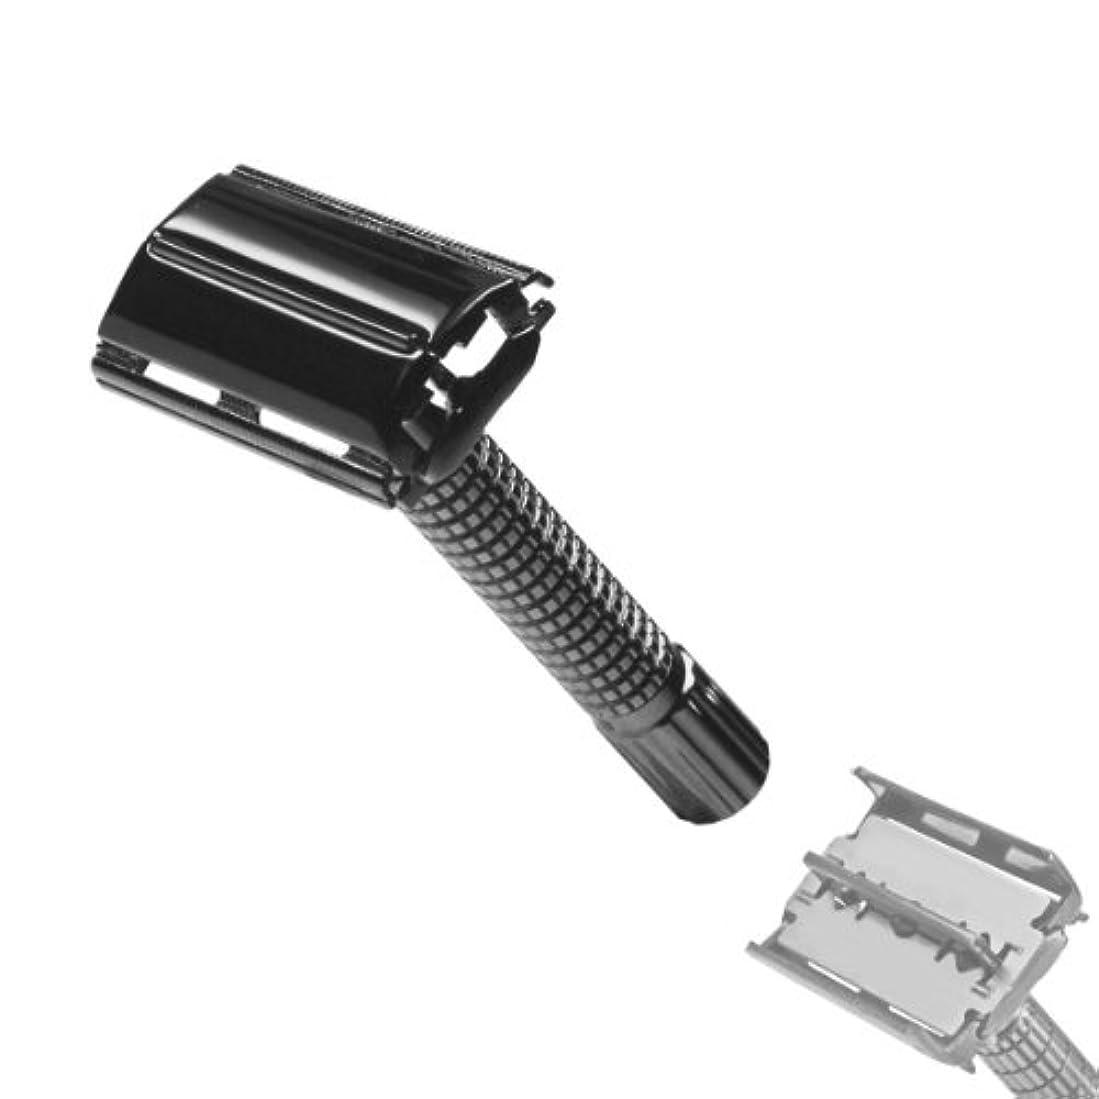 哺乳類ゆるく公爵RAZOLUTION TwinTop Safety razor, Butterfly system, black chrome, 8 cm